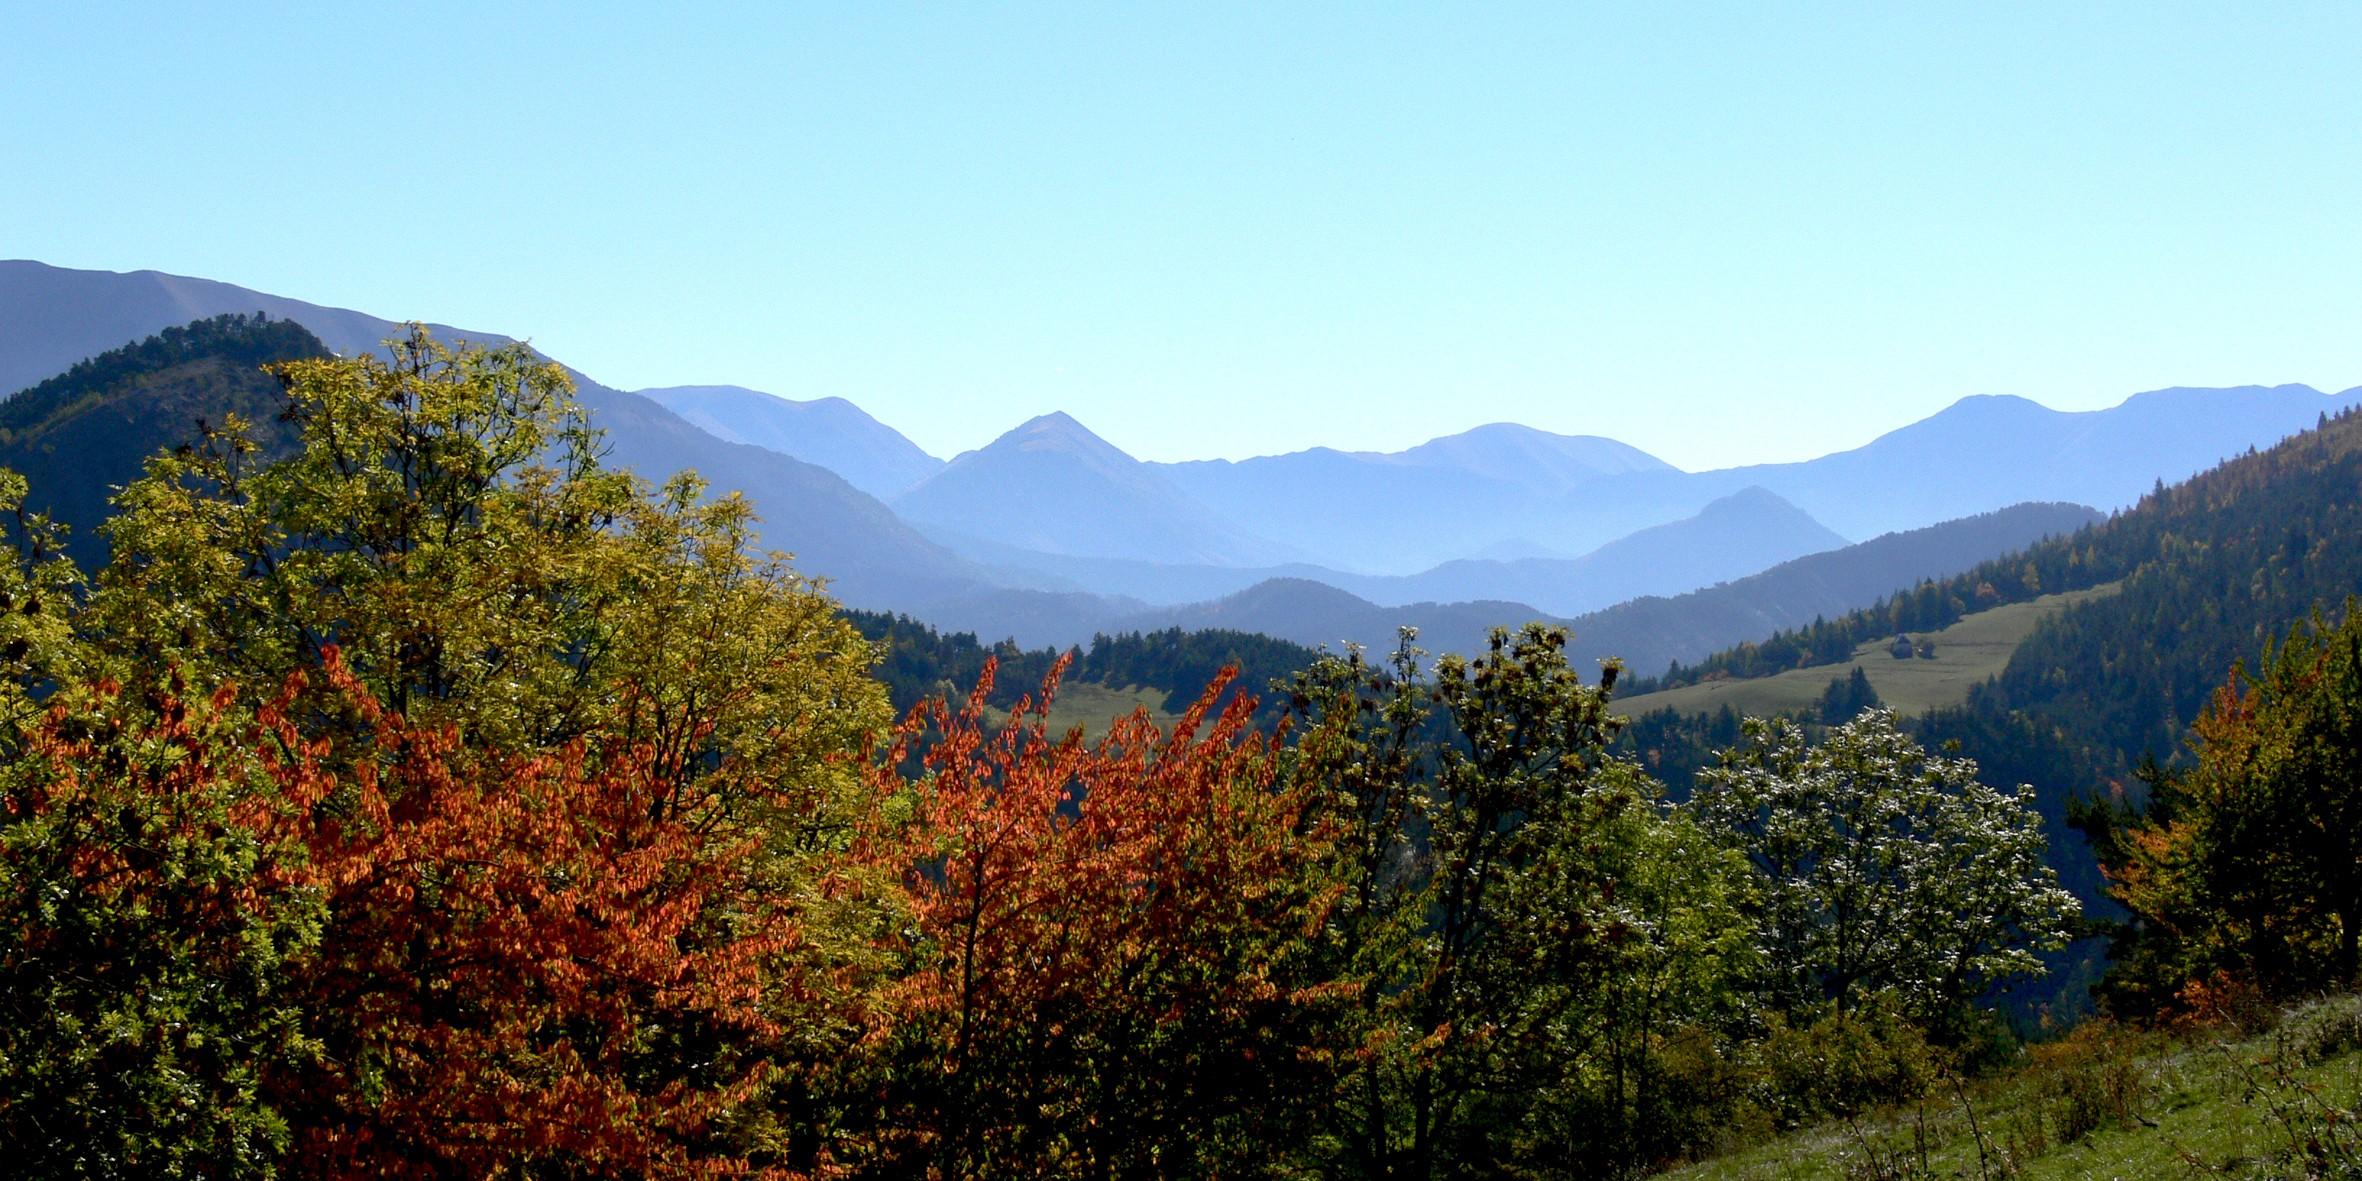 exterieur-pleine-nature-automne-et-perspective-sur-les-montagnes fontaine de l ours